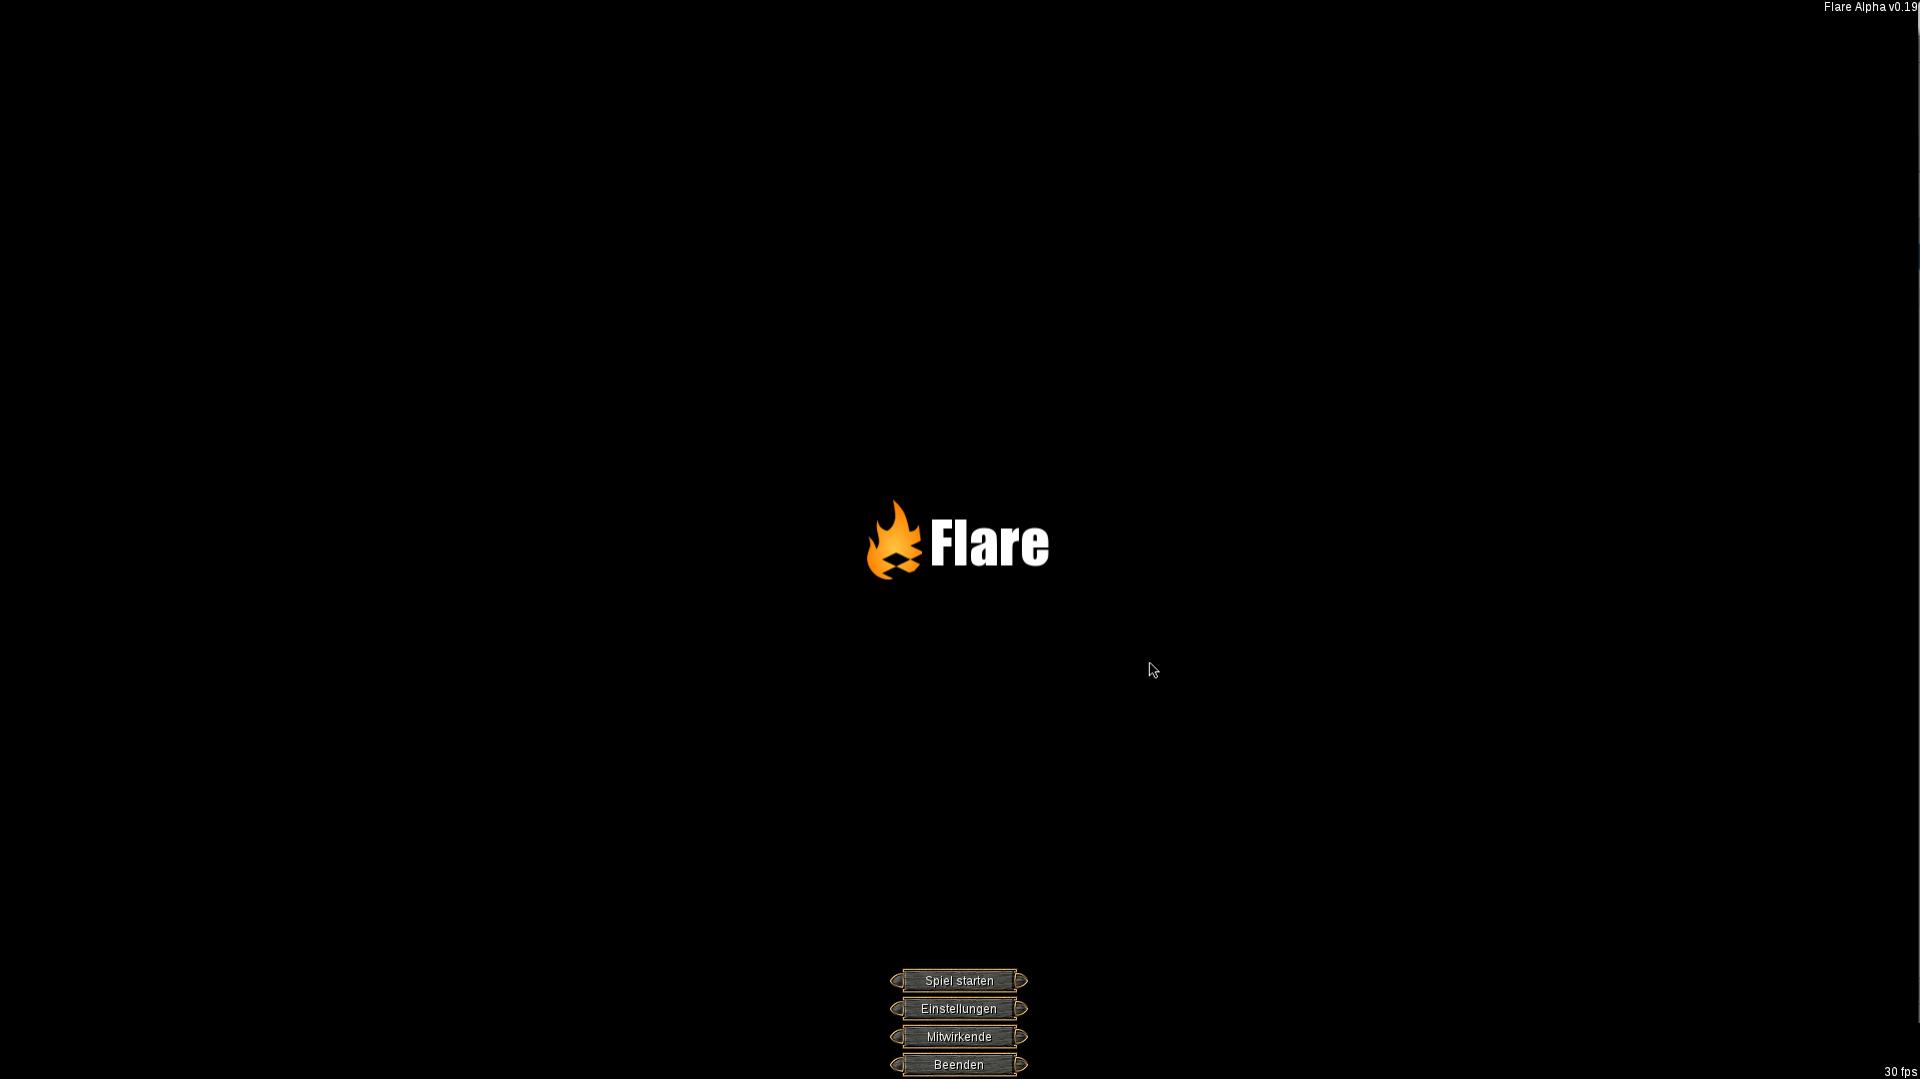 Flare-1